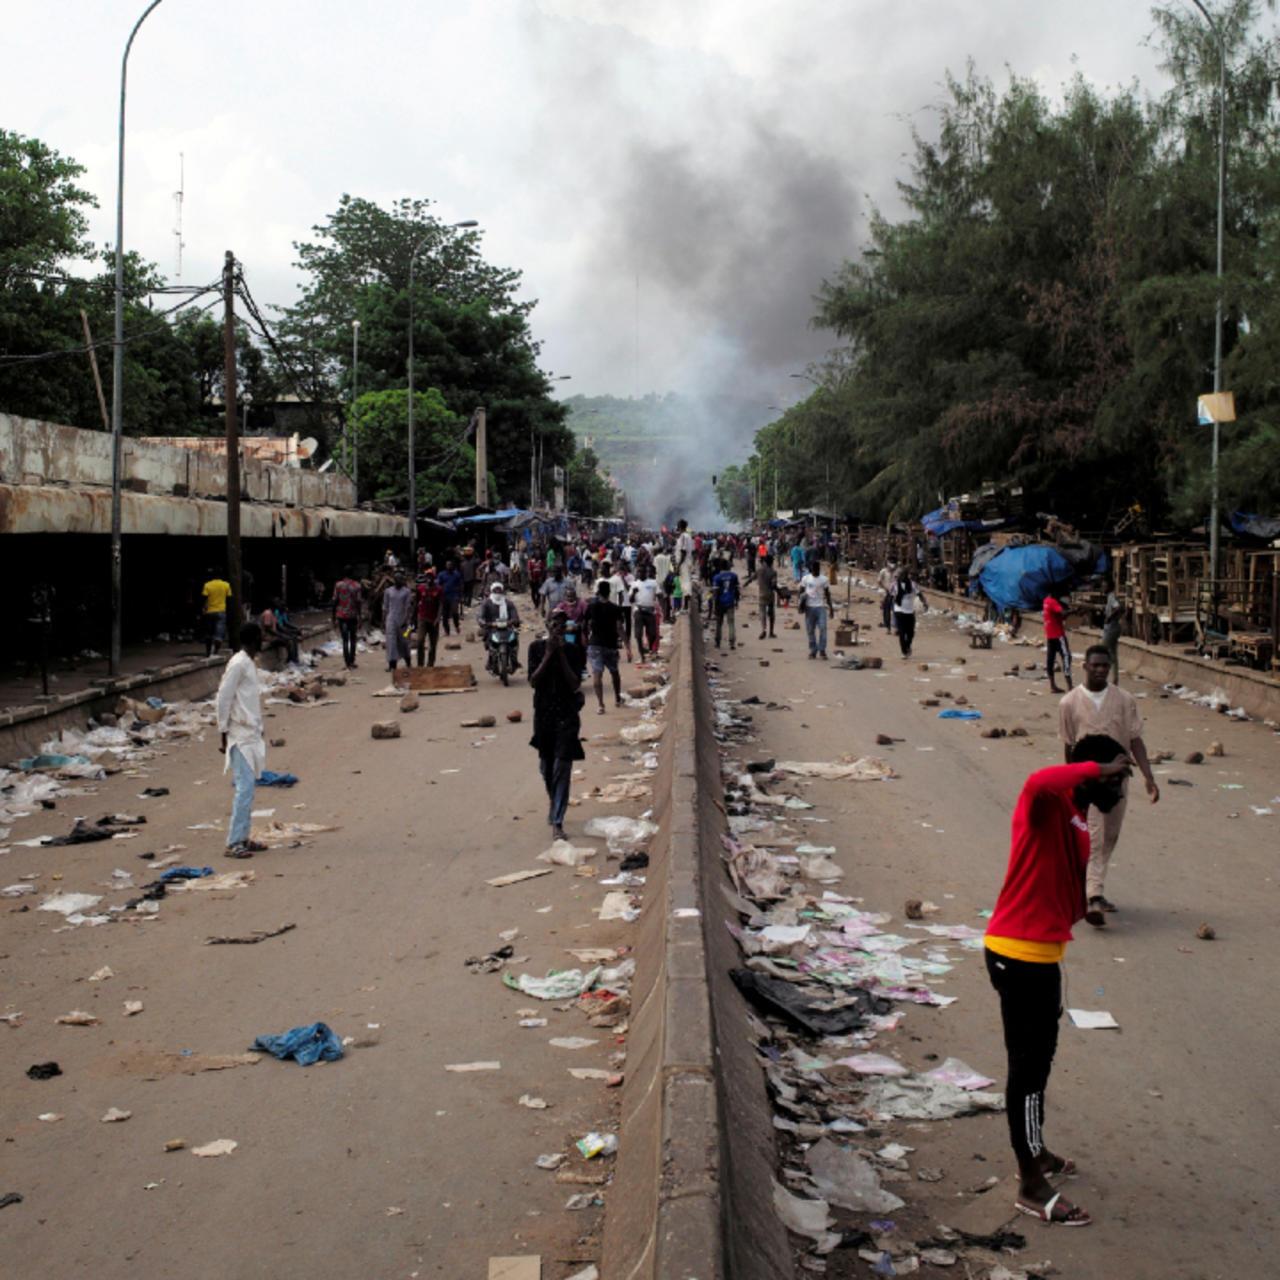 Yadda masu zanga-zangar kin jinin gwamnatin shugaban Mali Ibrahim Boubacar Keita suka lalata titunan birnin Bamako. 10/7/2020.